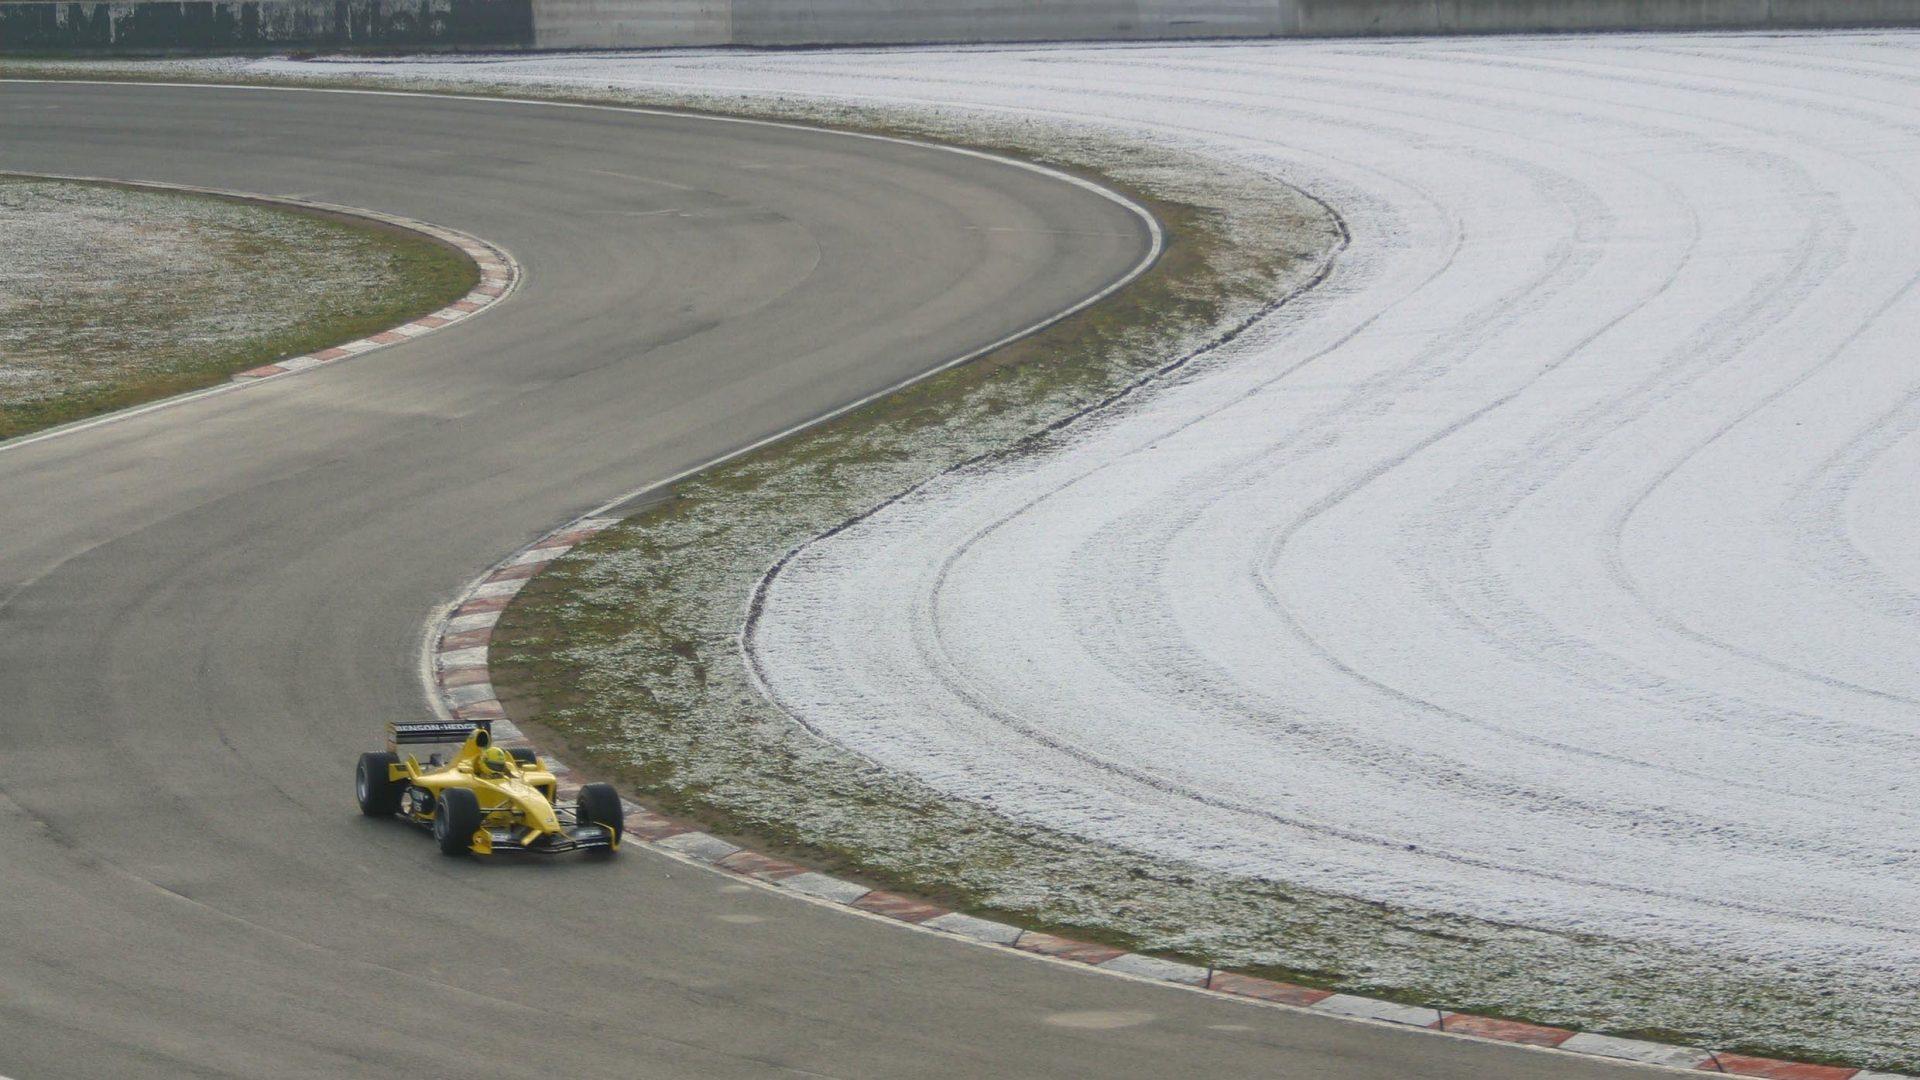 Non è la prima volta che la neve si manifesta a Barcellona durante una sessione di test. Nel febbraio del 2003 Ralph Firman guida la sua Jordan circondato dalla neve fuoripista.